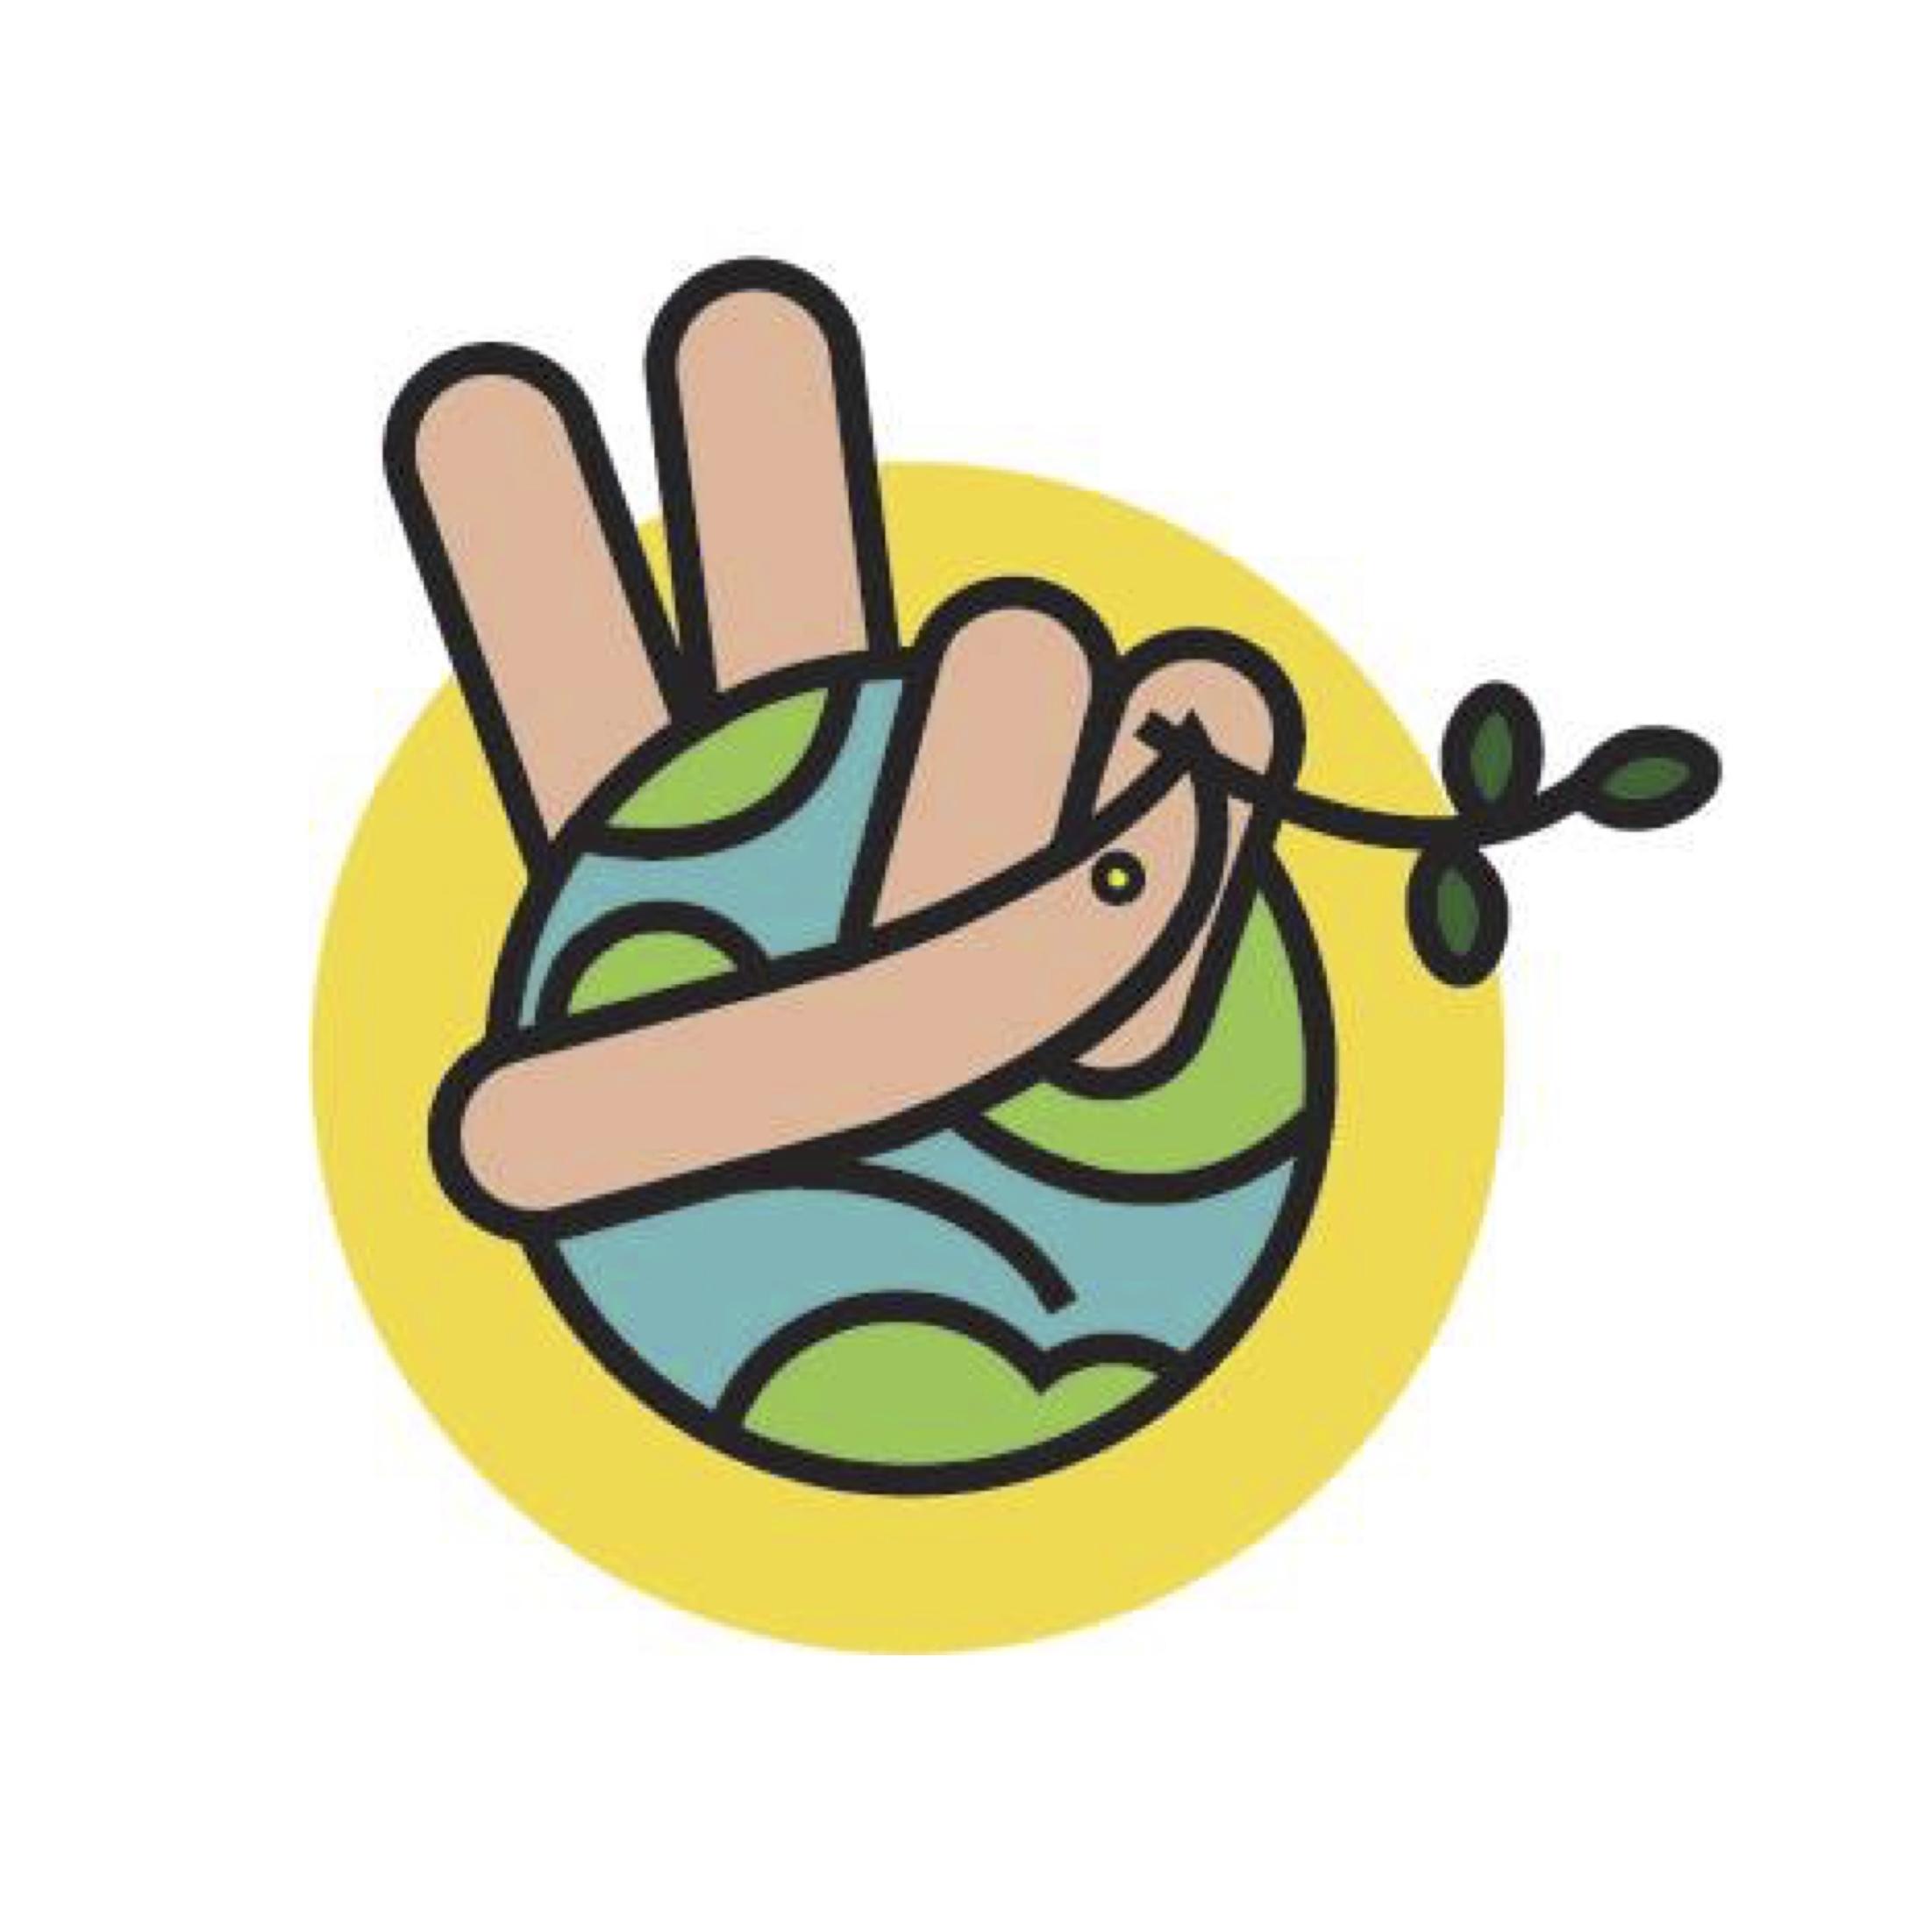 Paula's winning peace symbol